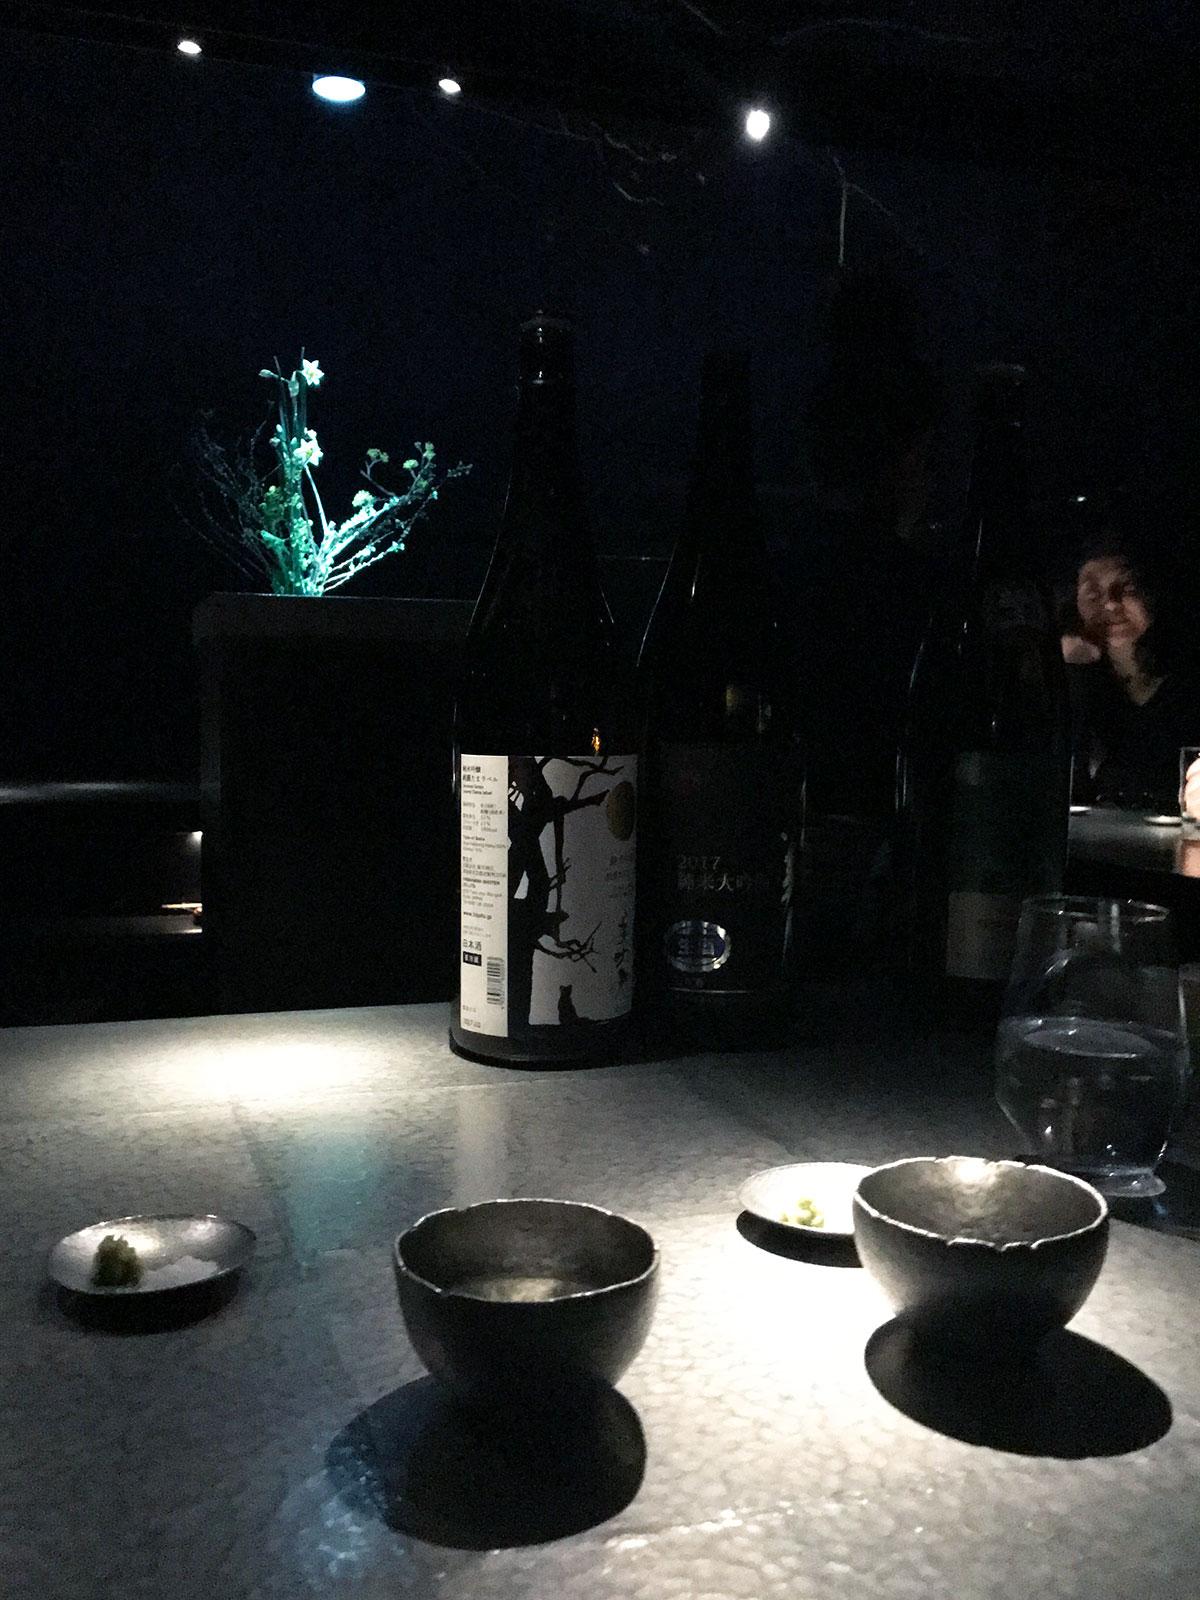 sake cups and bottle on a tin counter at Sake Bar O